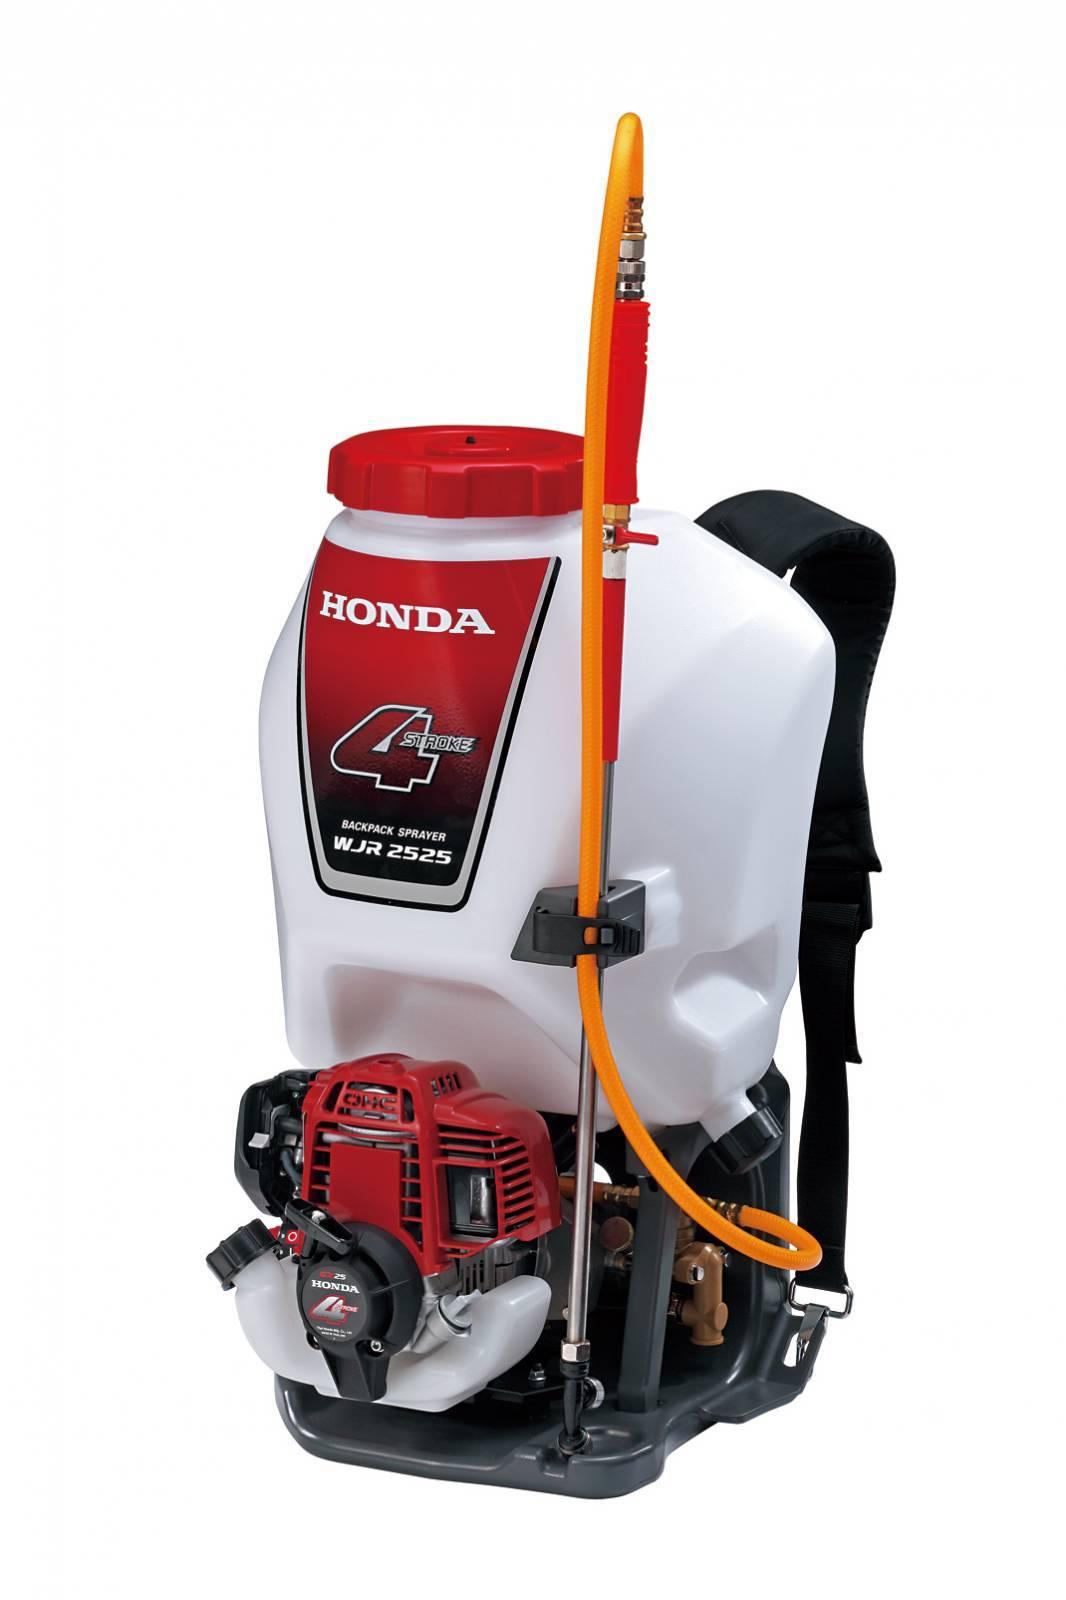 Pulverizador Honda WJR2525T Costal gasol. 4T 1Cv, Em OFERTA! - BSS Maquinas